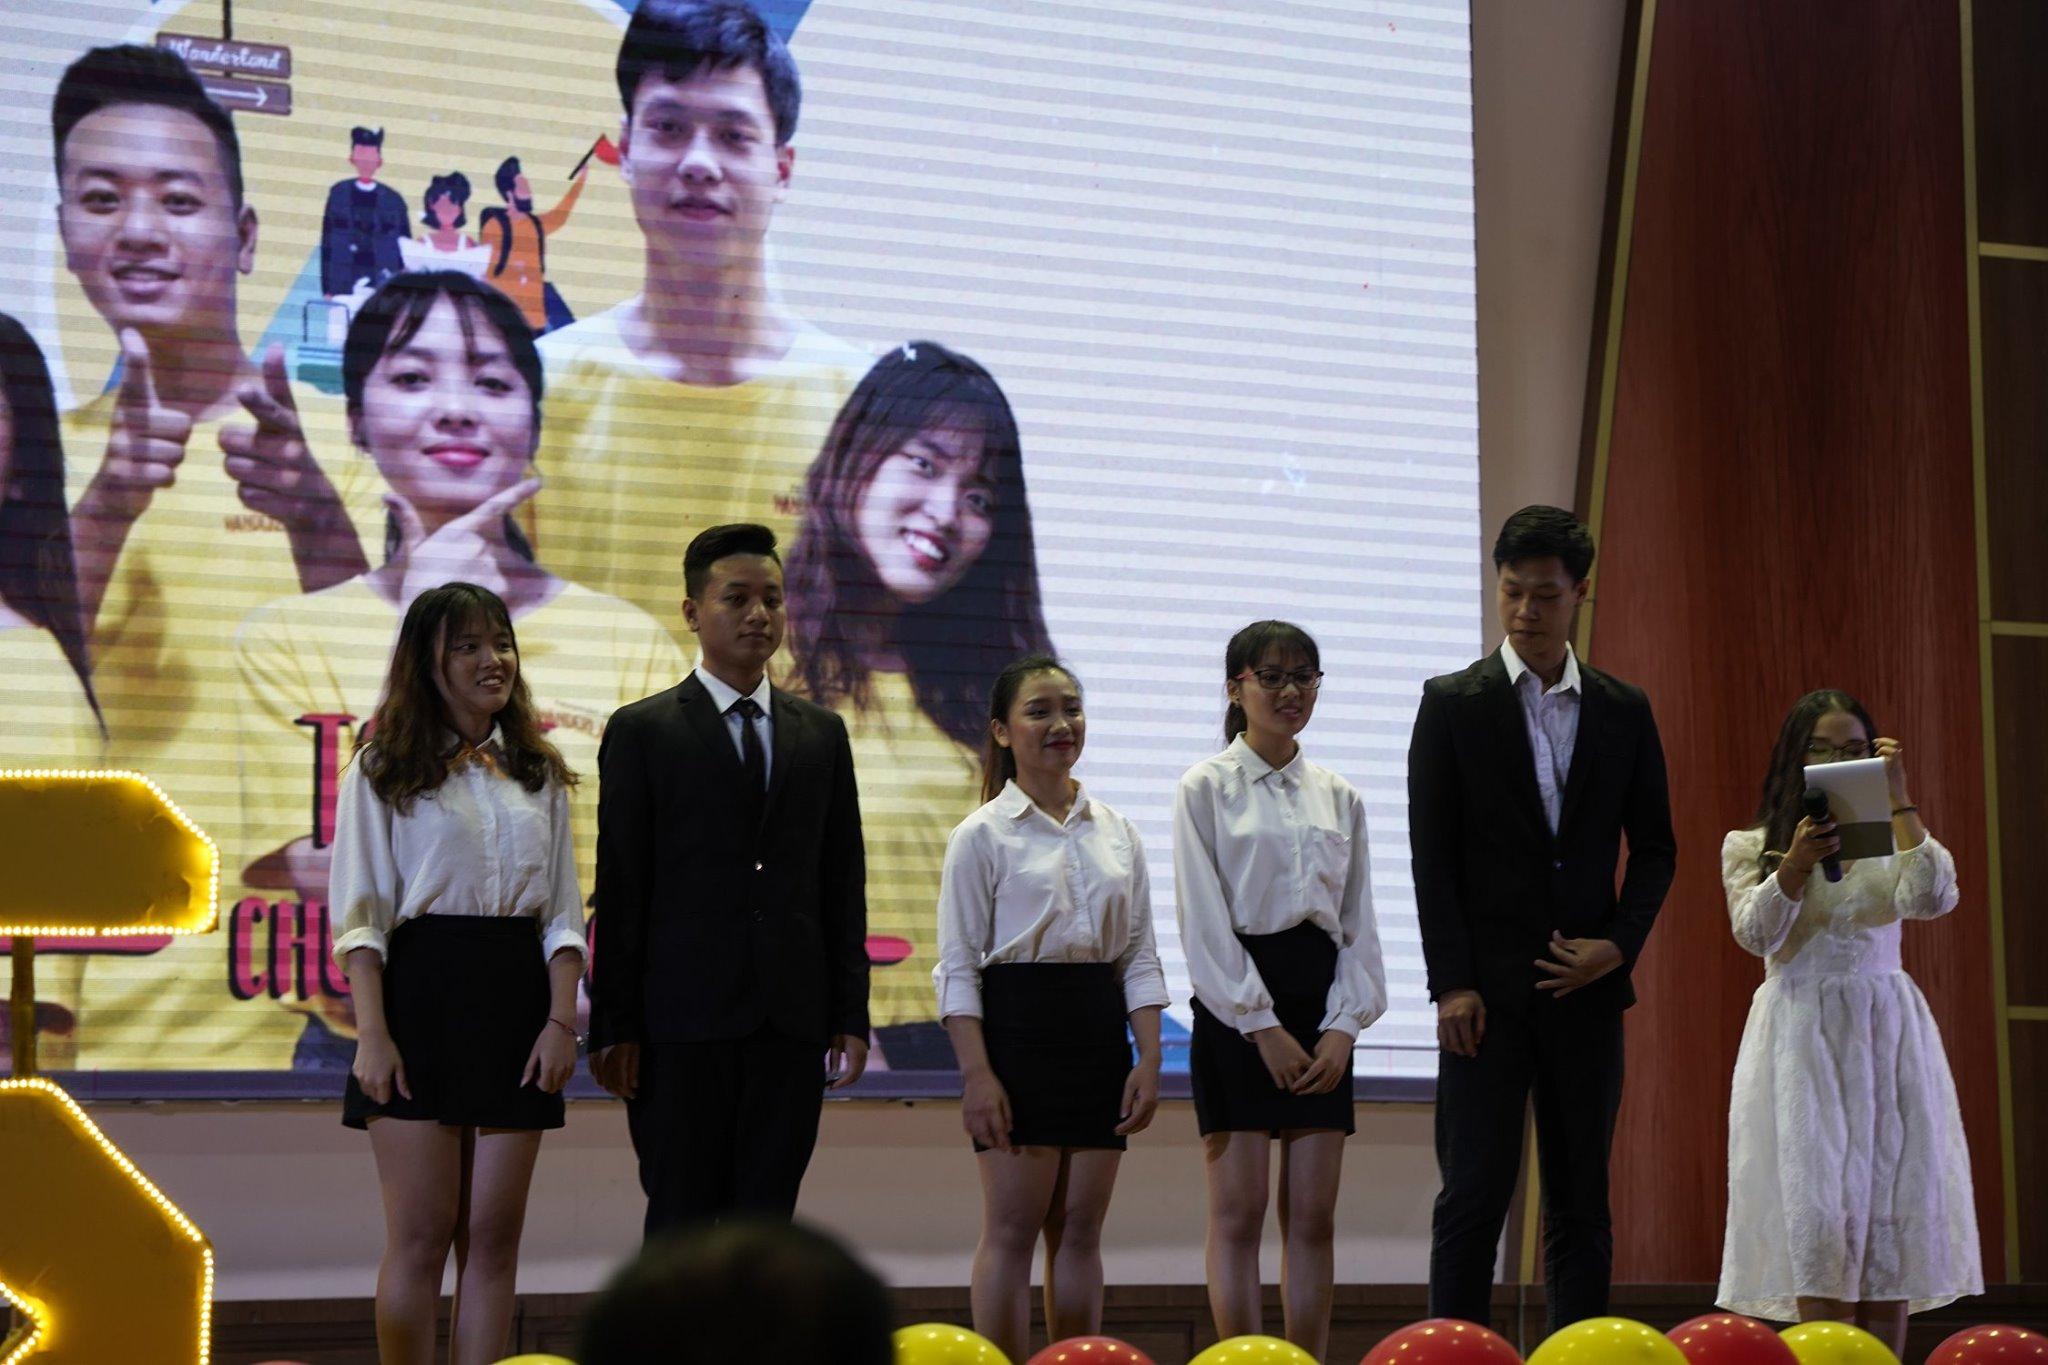 Trong hình ảnh có thể có: 9 người, mọi người đang cười, mọi người đang đứng